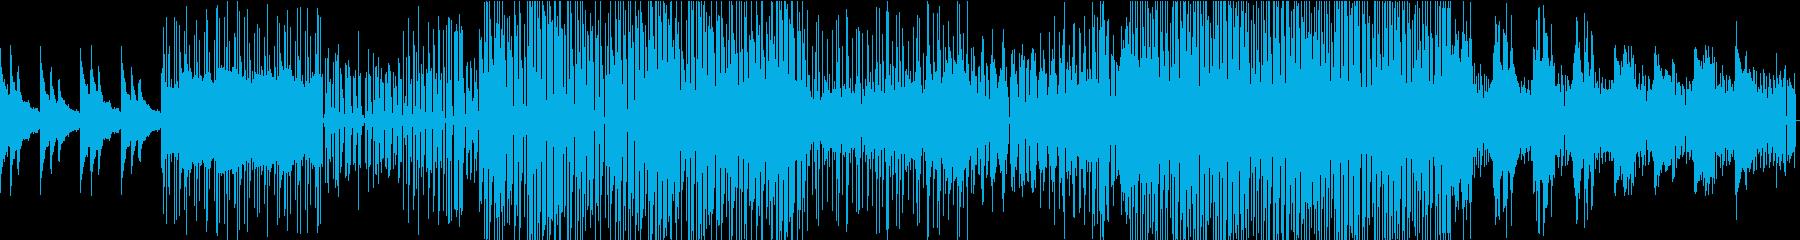 壮大かつ切ない、スローEDM系BGMの再生済みの波形